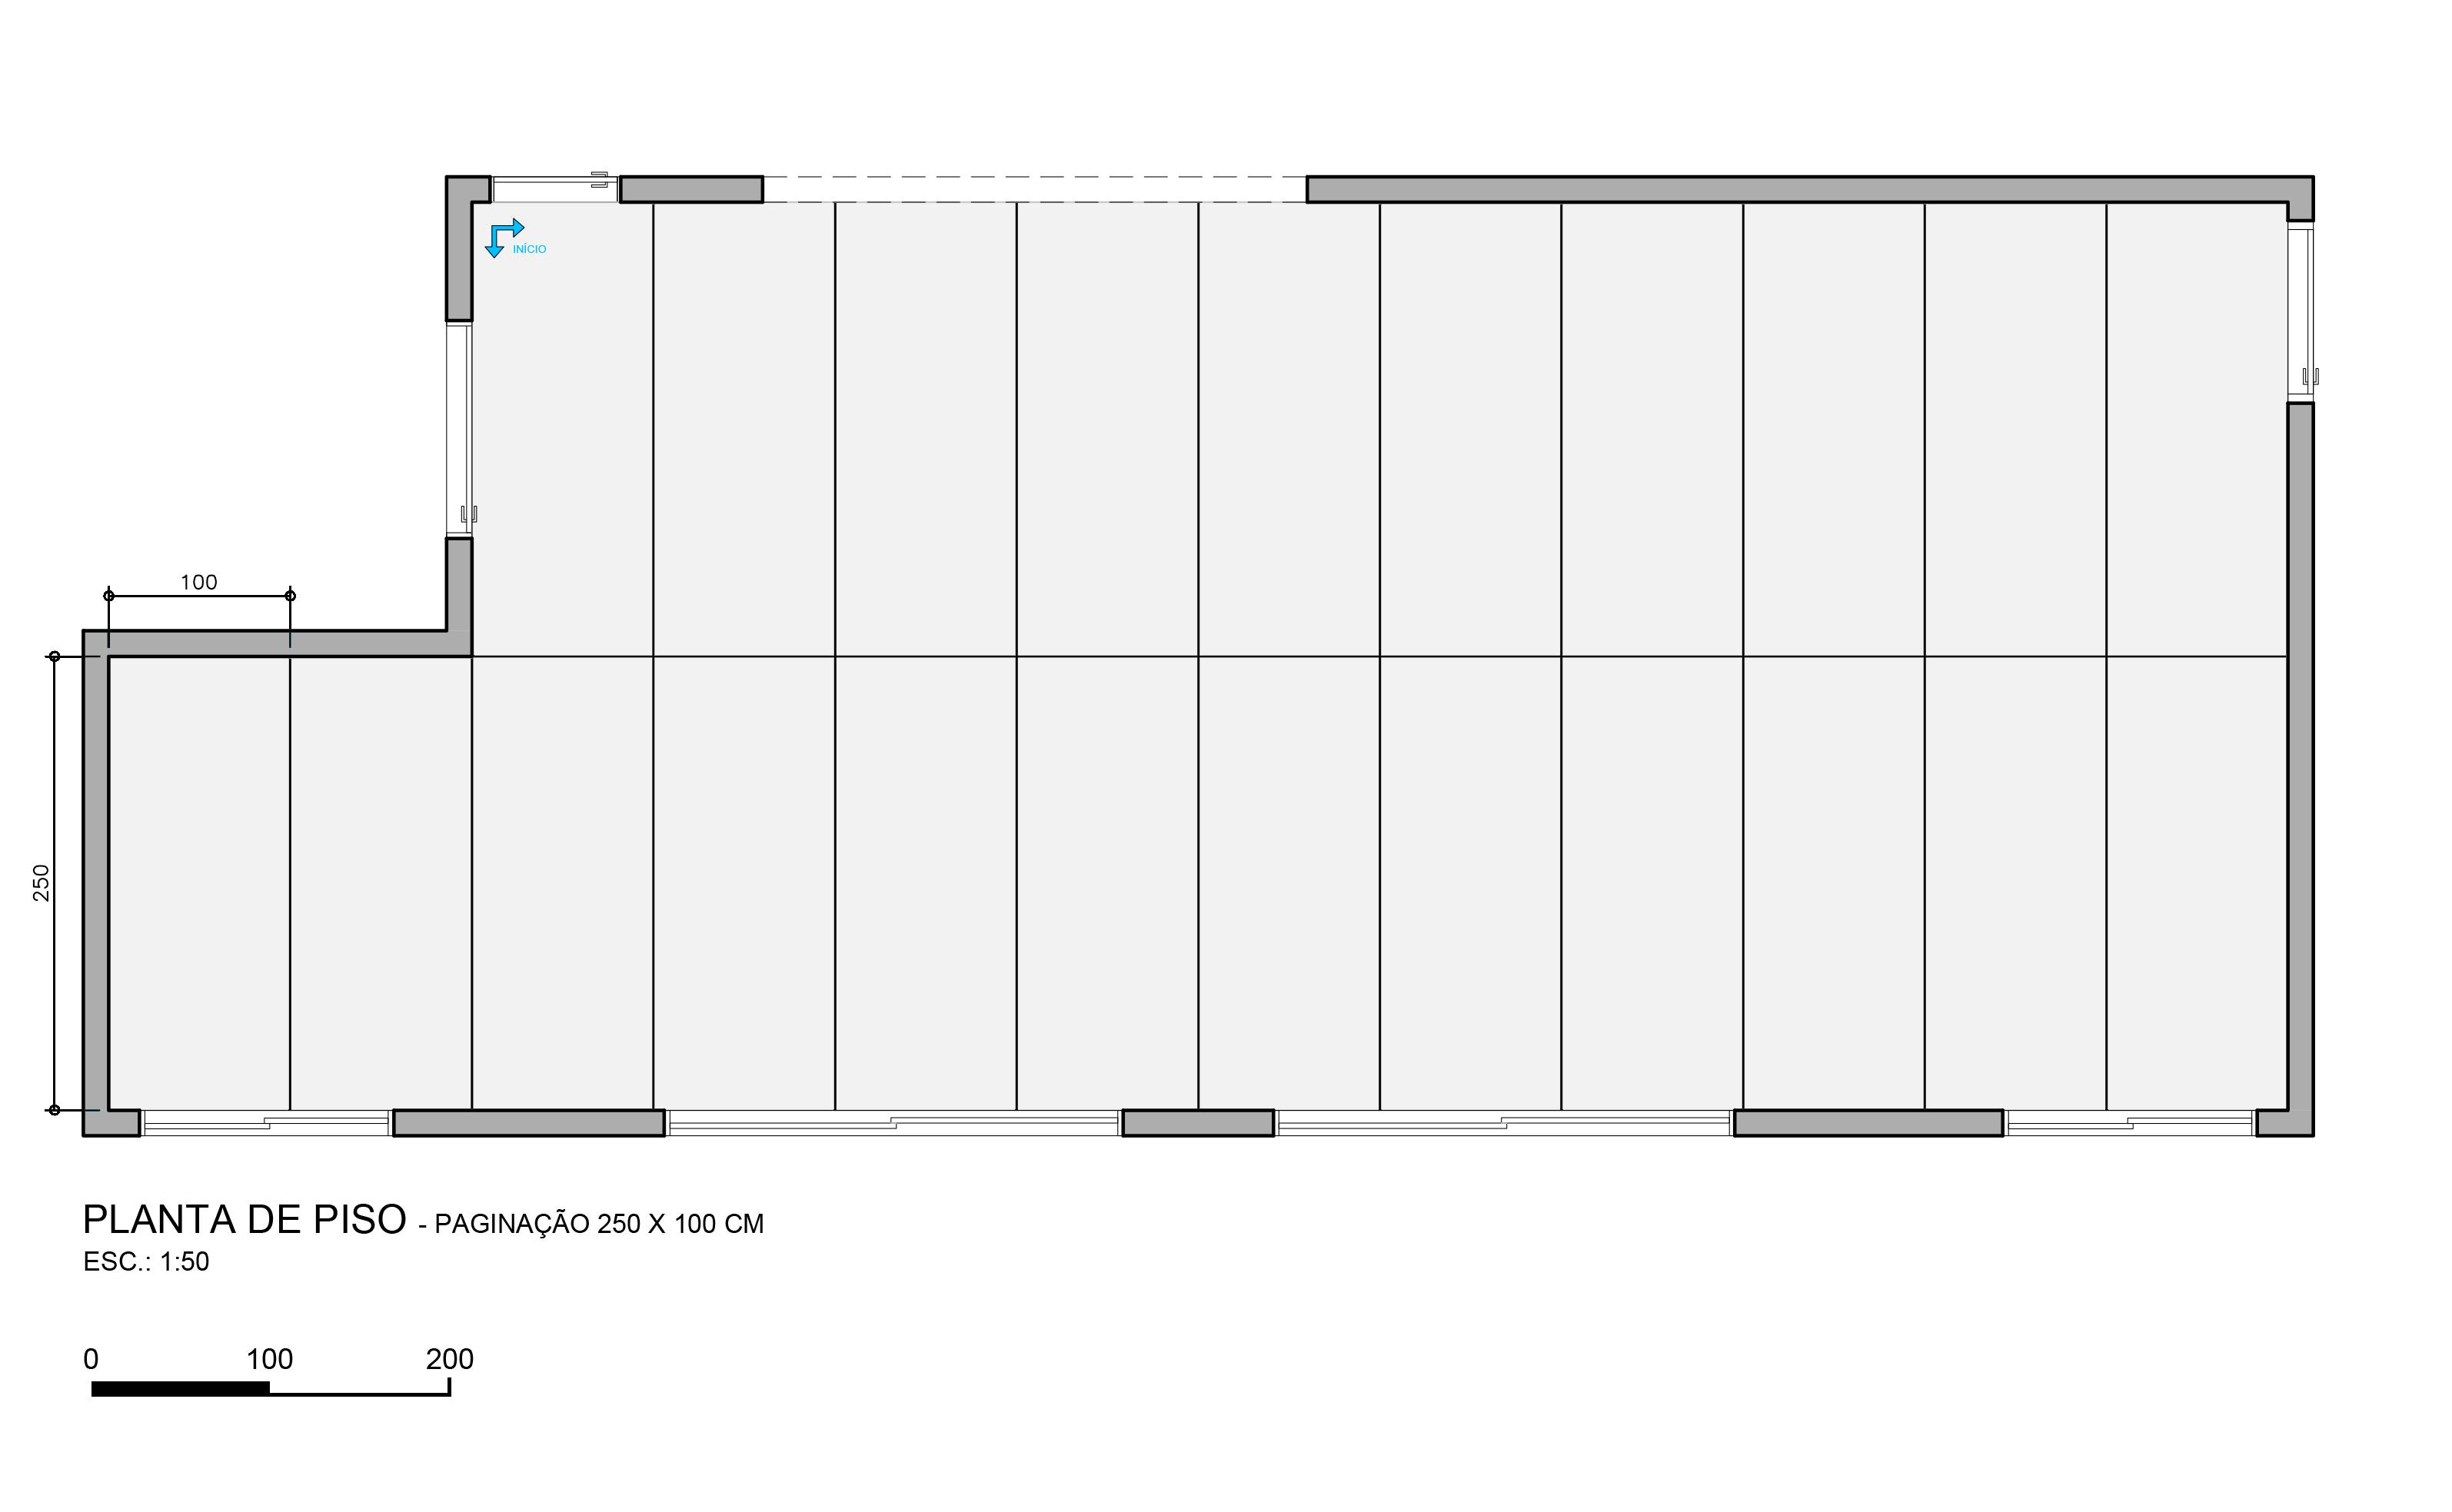 Casa Vogue: Pisos e revestimentos em maxi formatos : saiba como usar Planta com piso 2,5 x 1 m do escritório Oficina 11:11